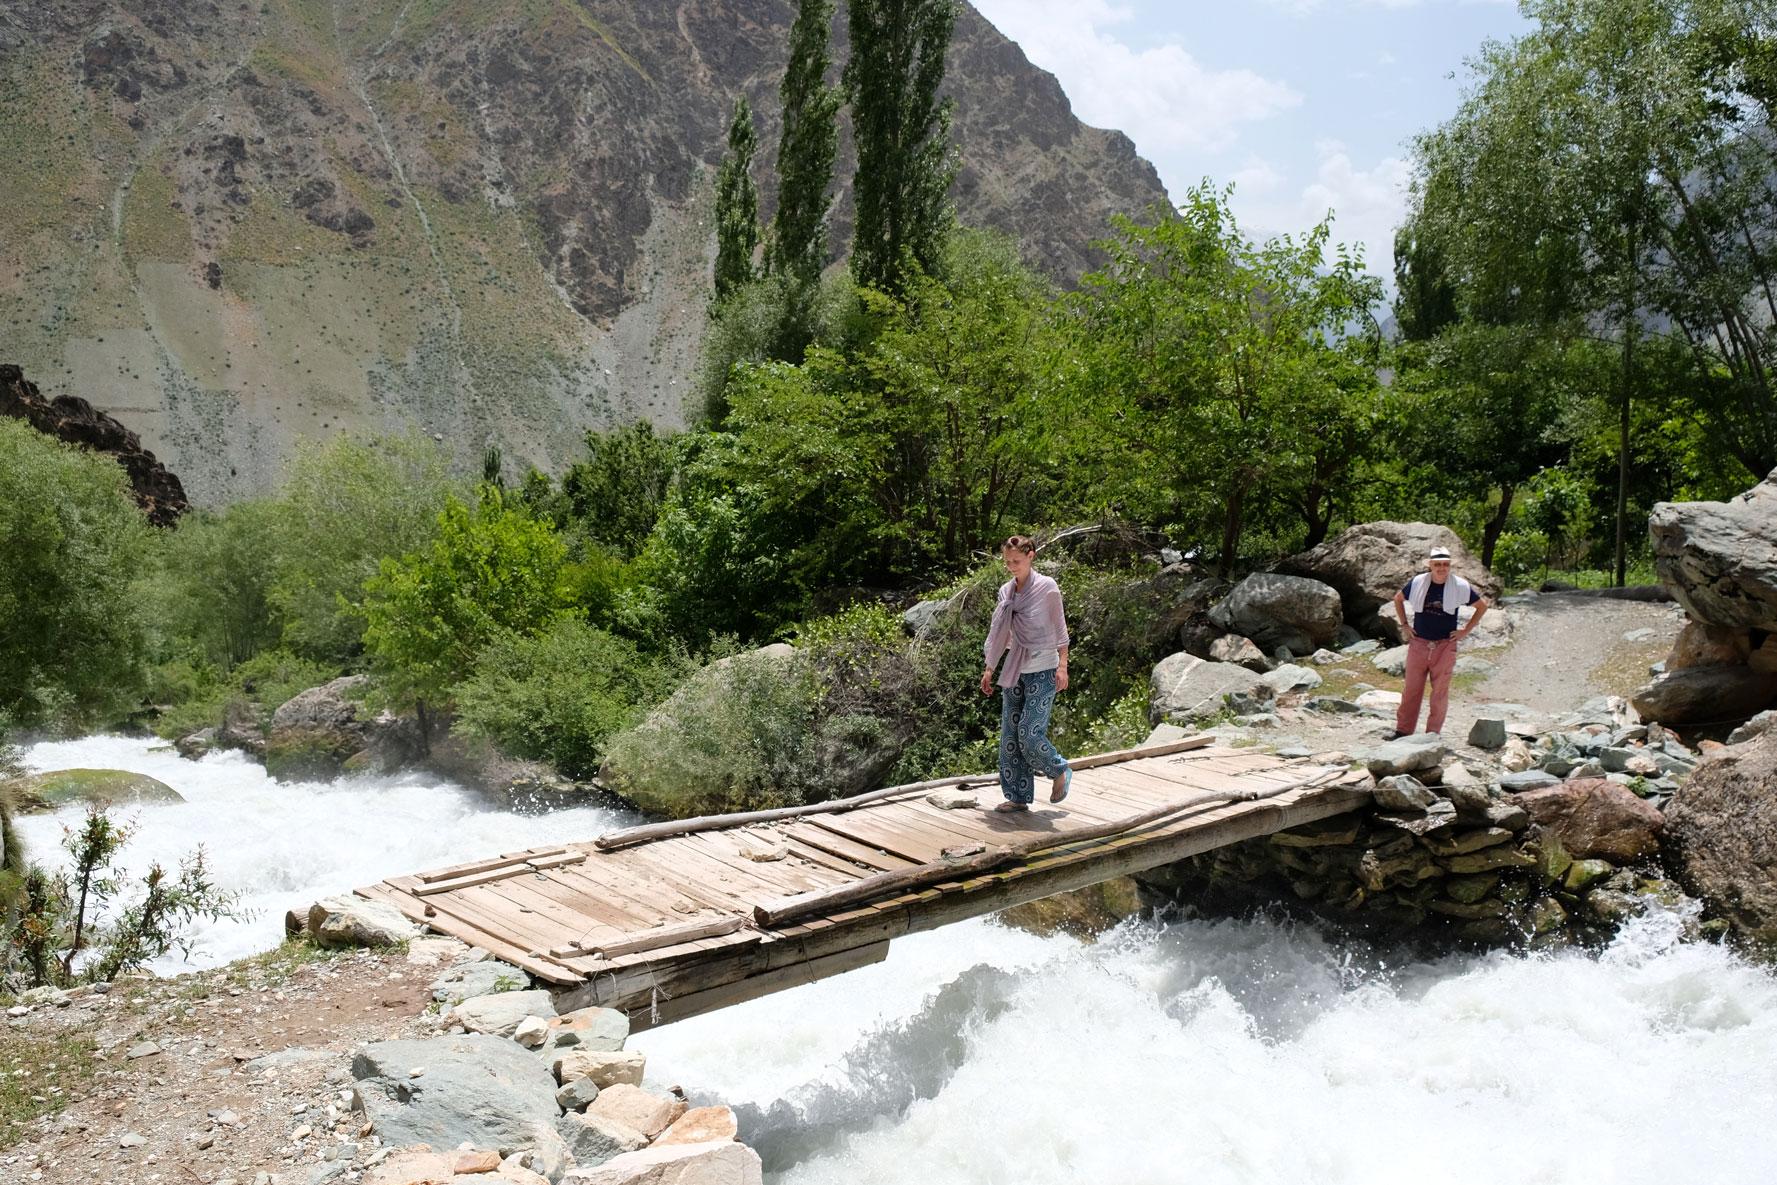 Leo geht über eine Holzbrücke über einen reißenden Fluss.